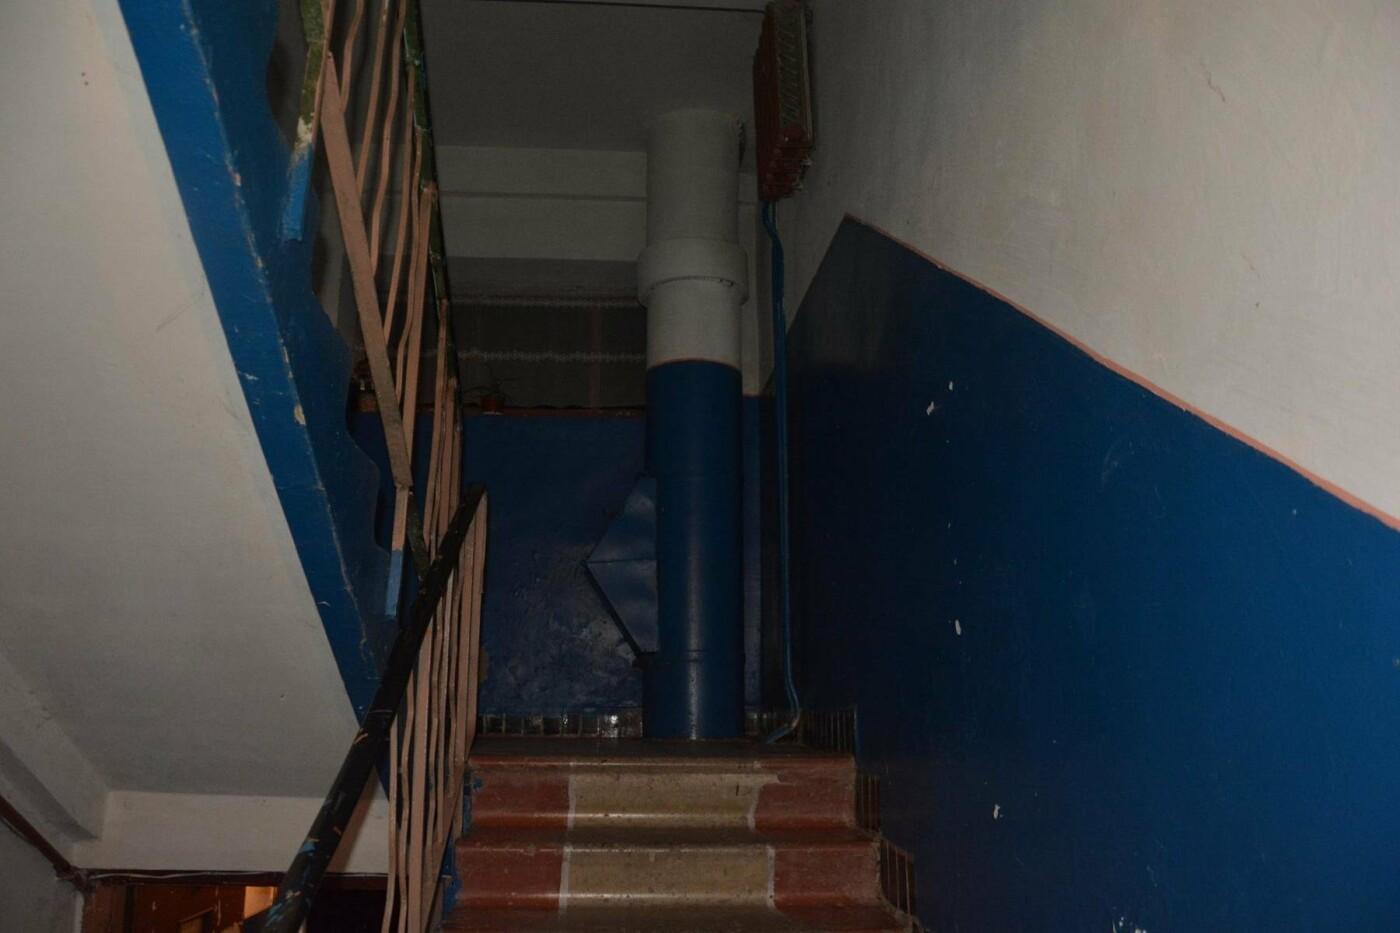 Сьогодні вночі у Мукачеві у під'їзді власного будинку зарізали 27-річного хлопця: поліція розшукує вбивцю (ФОТО), фото-1